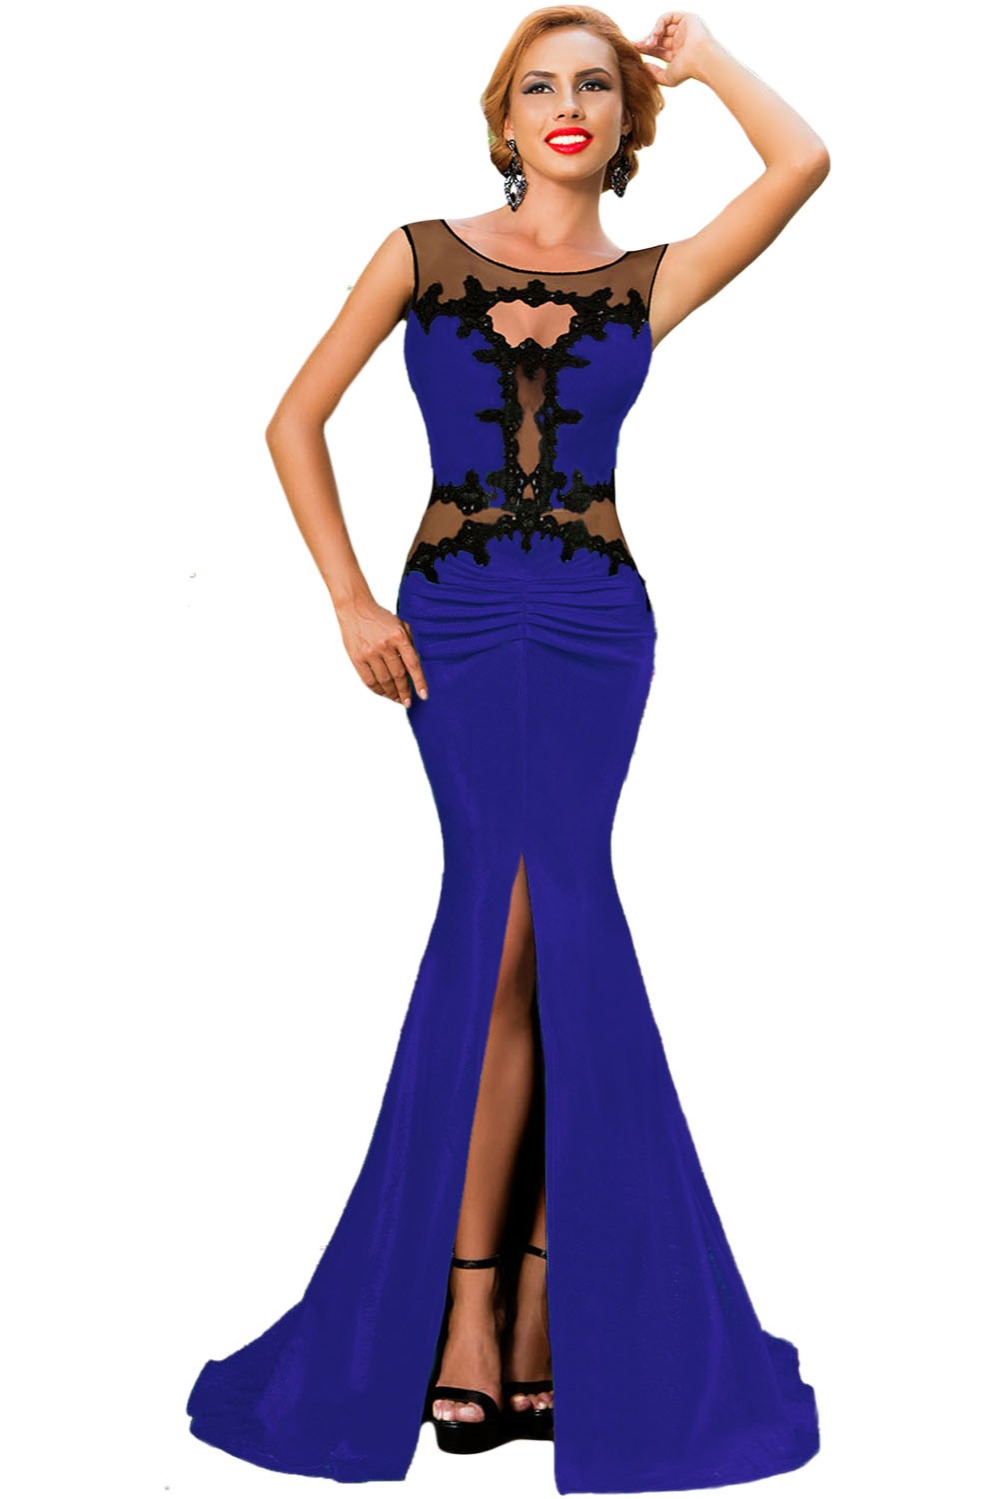 Macys Party Dresses Promotion-Shop for Promotional Macys Party ...